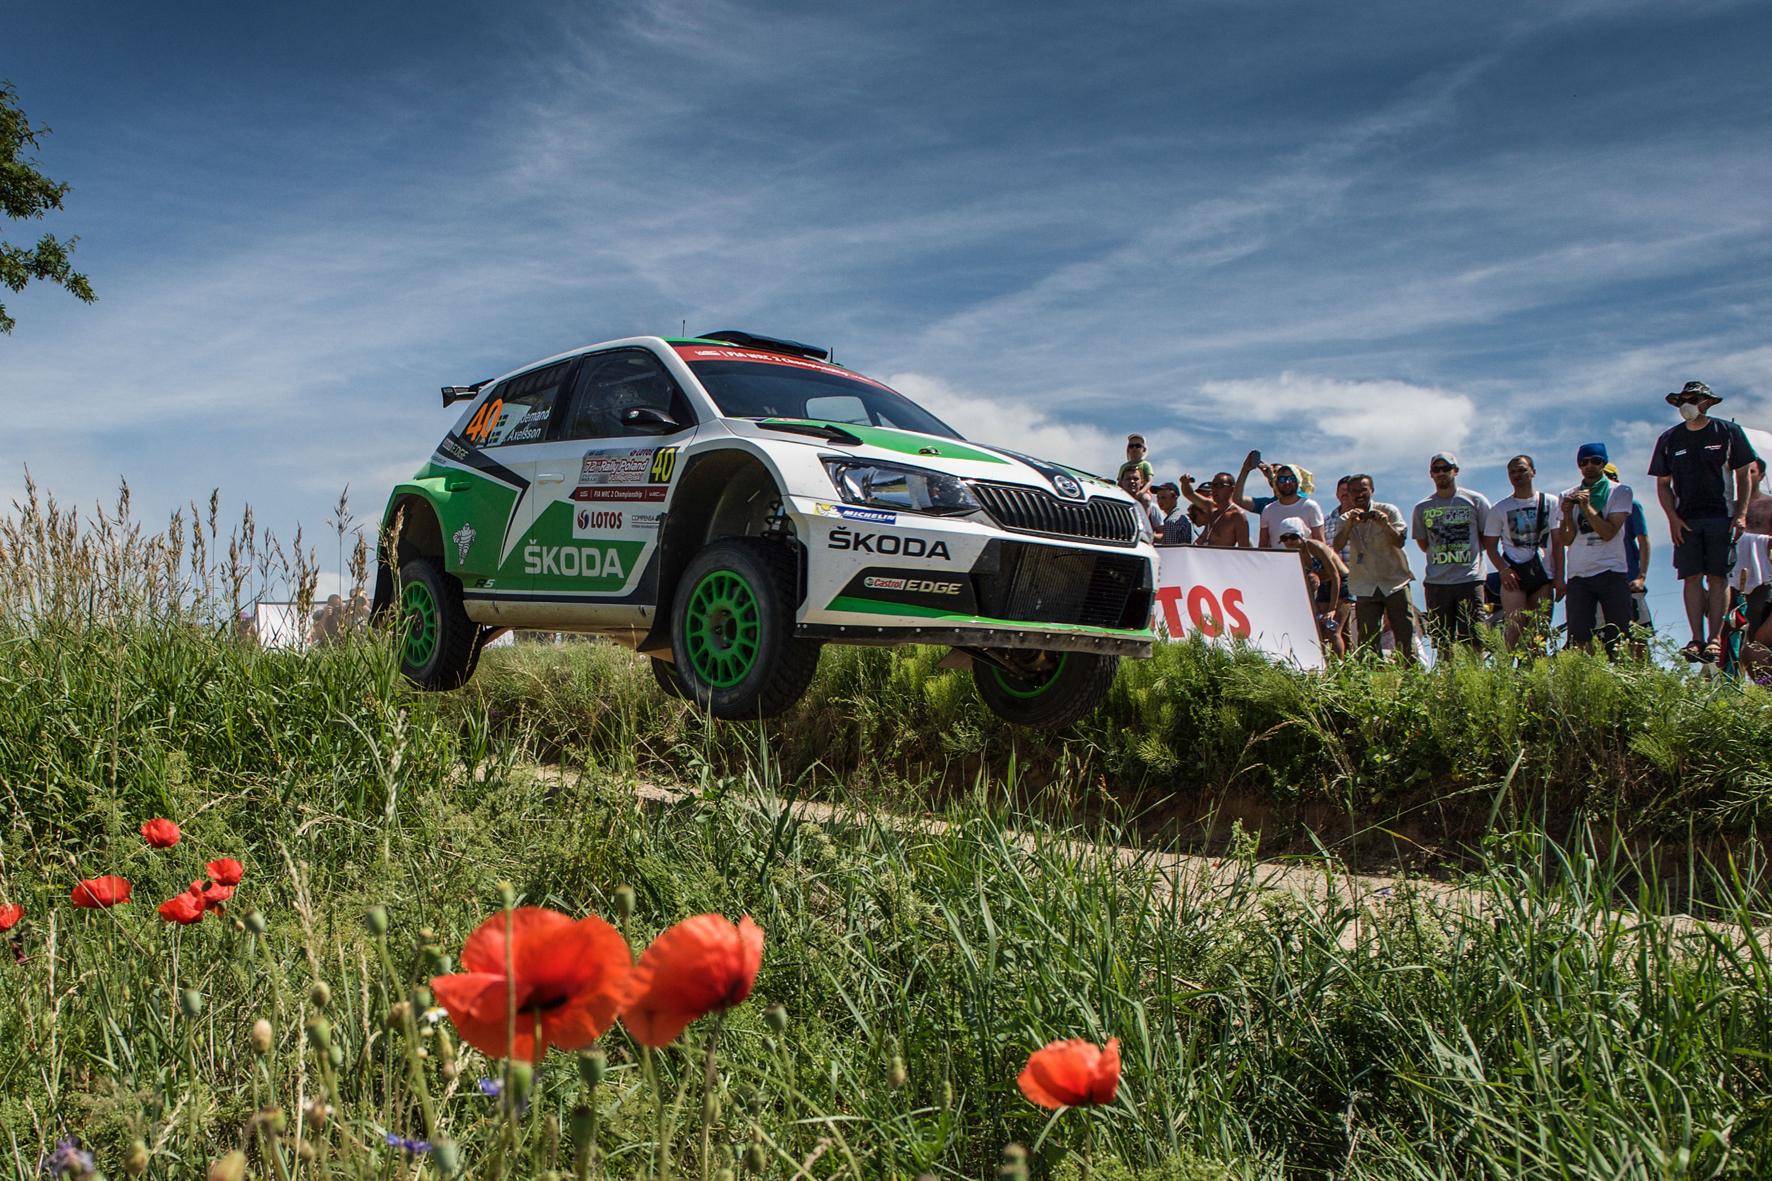 mid Düsseldorf - Abgehoben: Bei der Rallye Finnland sind Sprünge von mehr als 50 Metern mit dem Auto möglich.